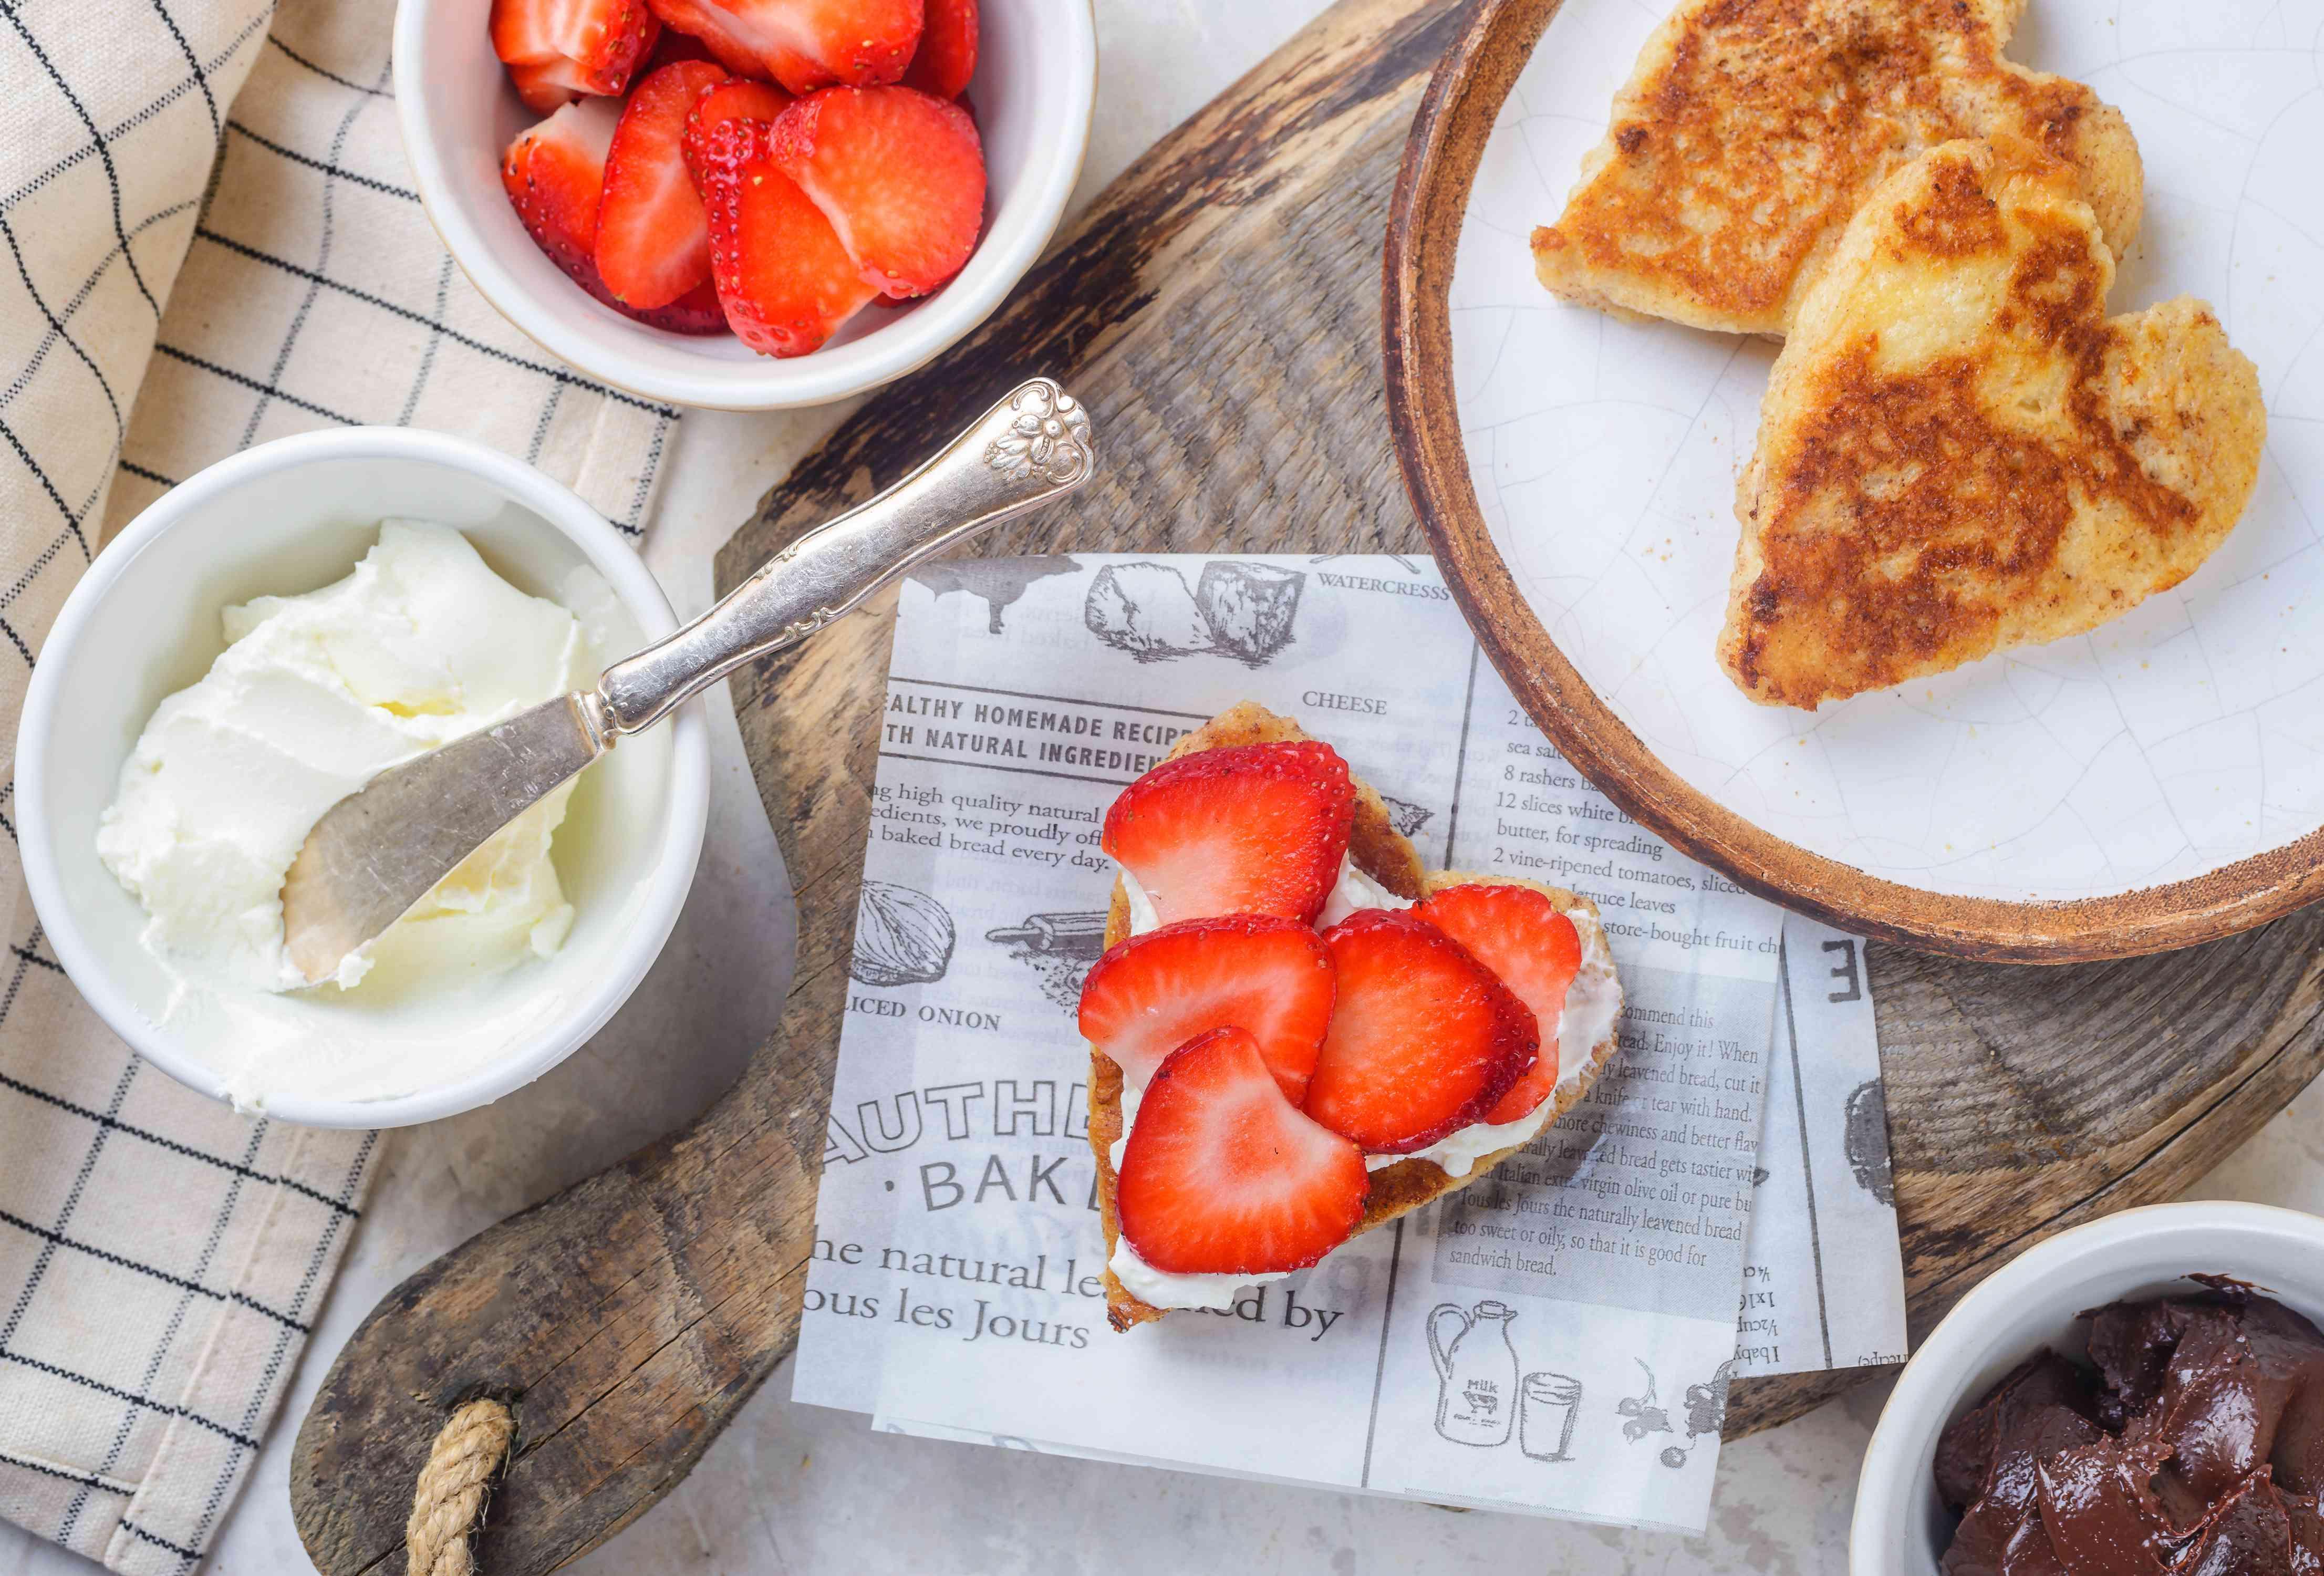 Strawberries on toast